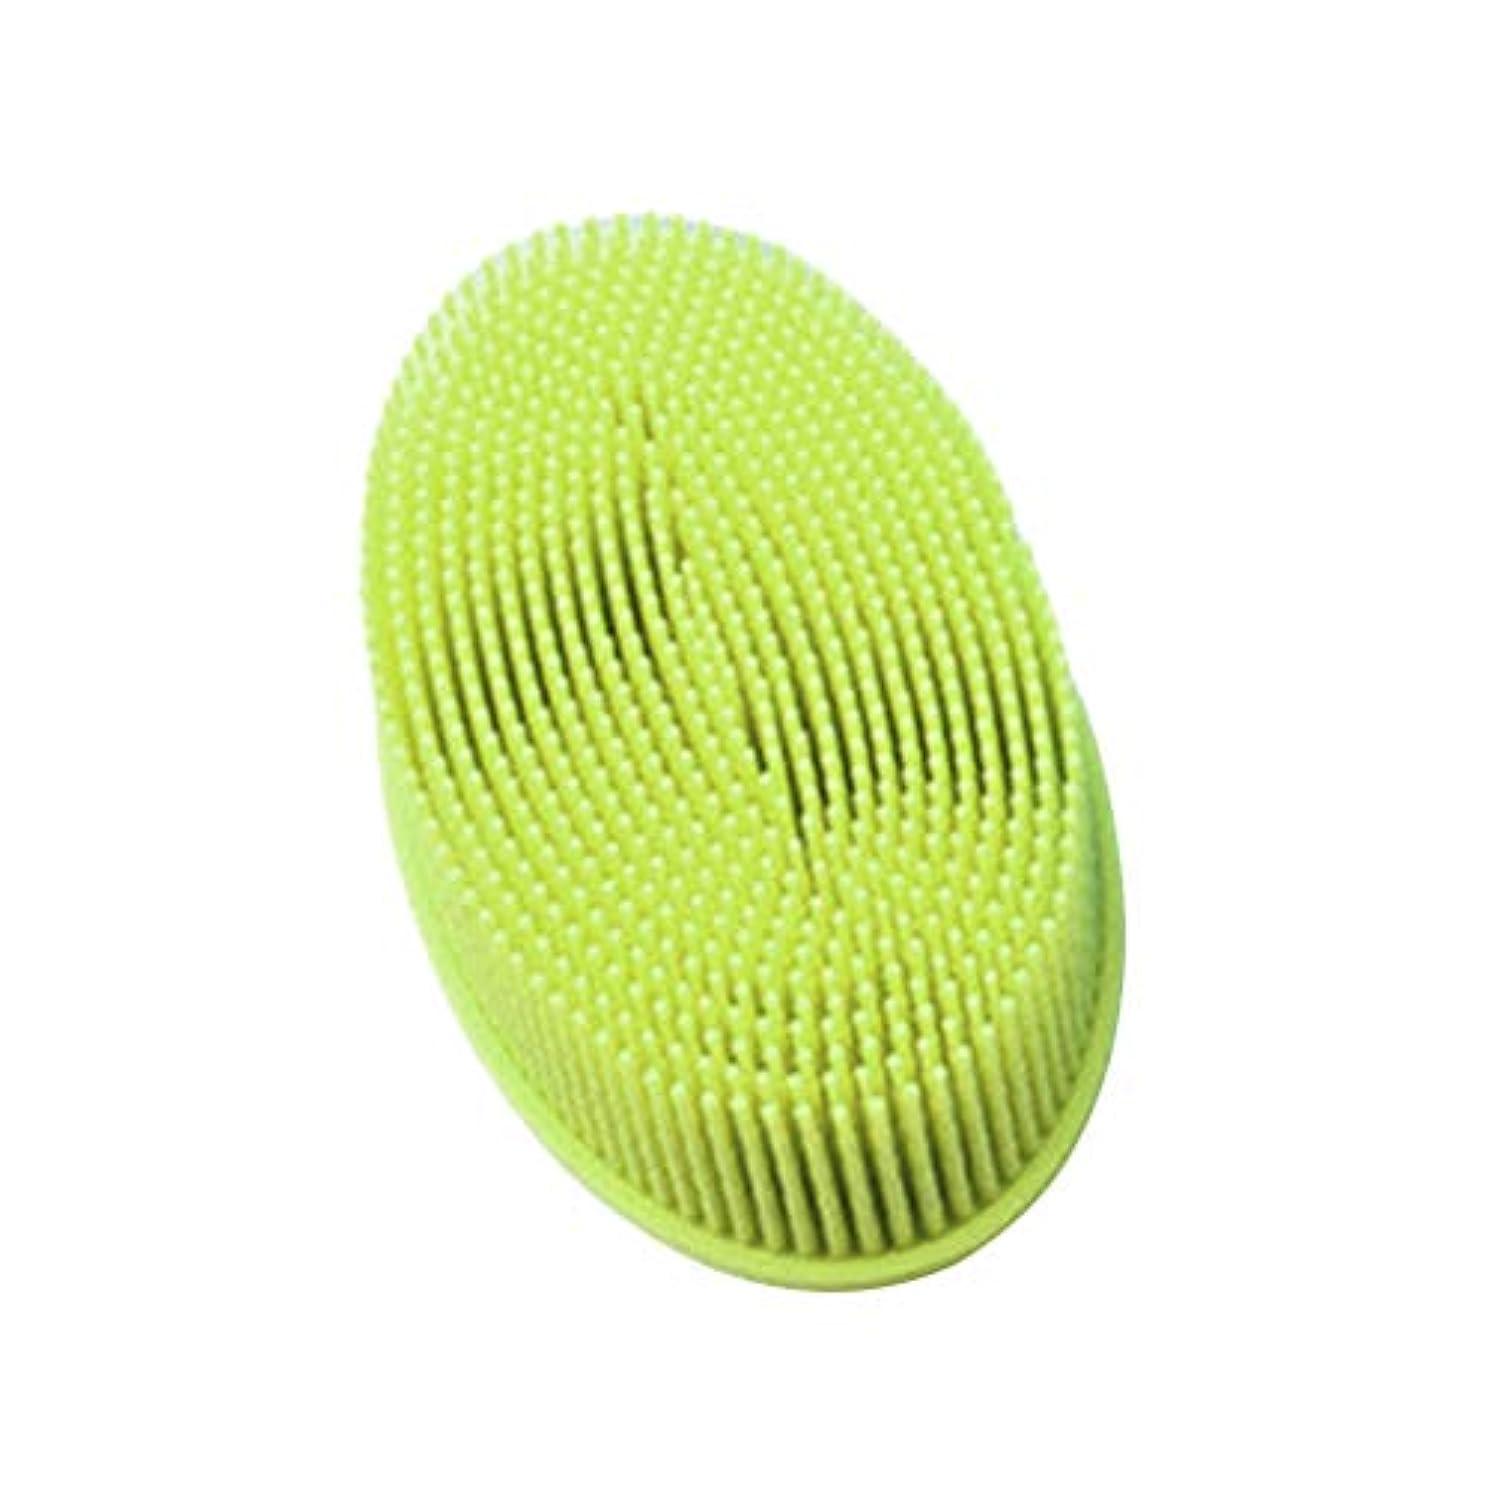 アダルトスポーツの試合を担当している人どっちでもTOPBATHY シリコンシャワーブラシ 頭皮 洗顔 ボディブラシ お風呂 柔らかい 体洗いブラシ 肌にやさしい 多機能 角質除去 疲れ解消(グリーン)